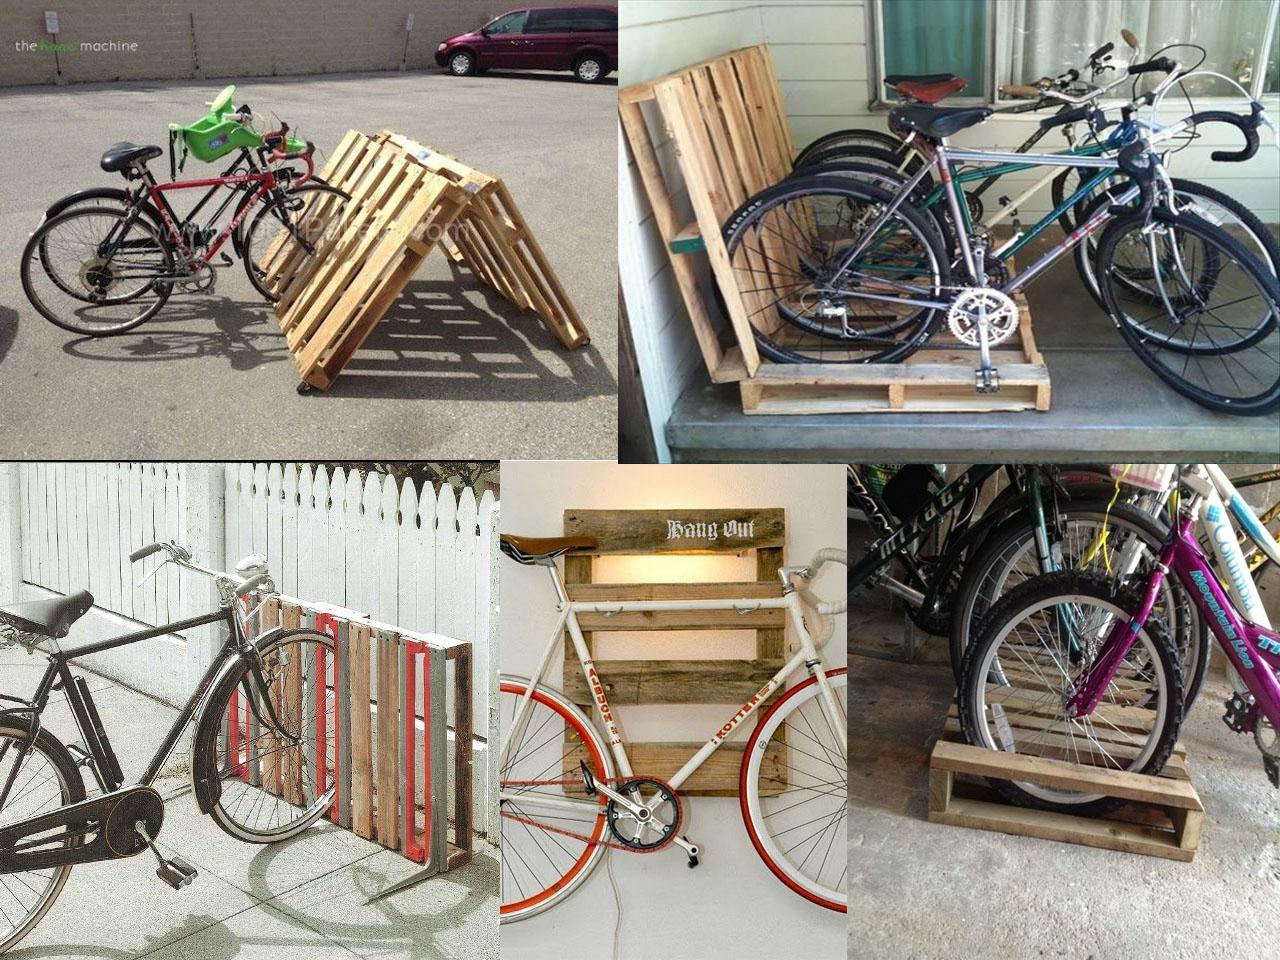 Como colgar bicicletas en poco espacio with como colgar - Guardar bicicletas en poco espacio ...